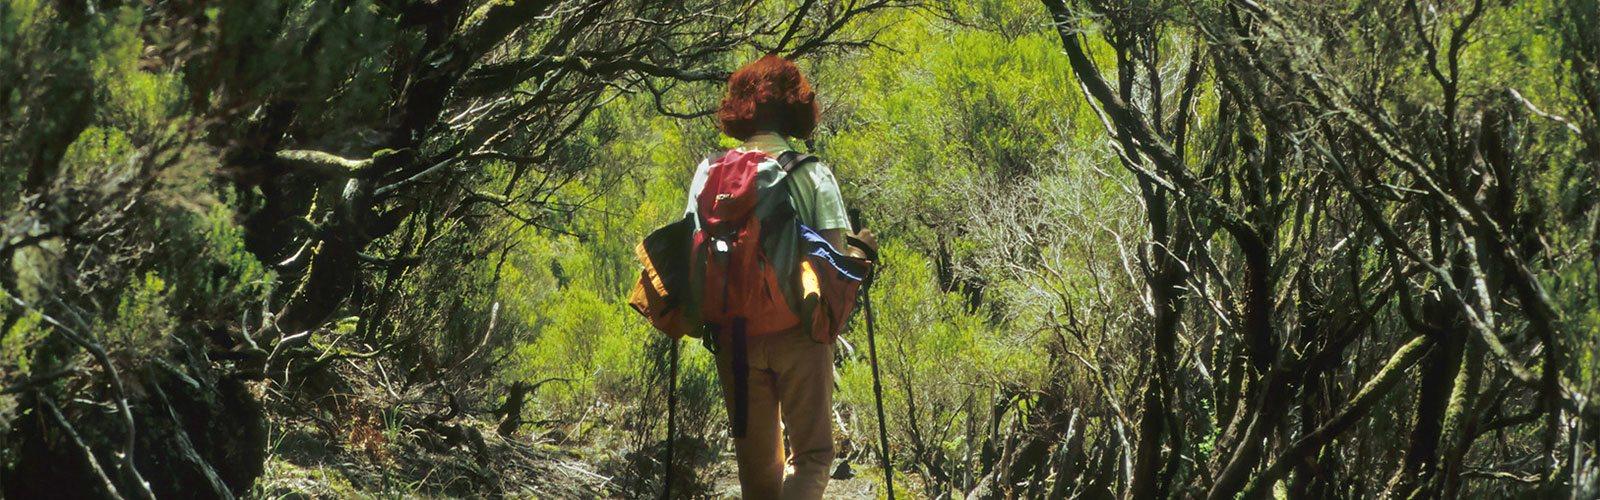 Madeira Wanderreisen Individuelle Rundreise Inklusive Flug Unterkunft